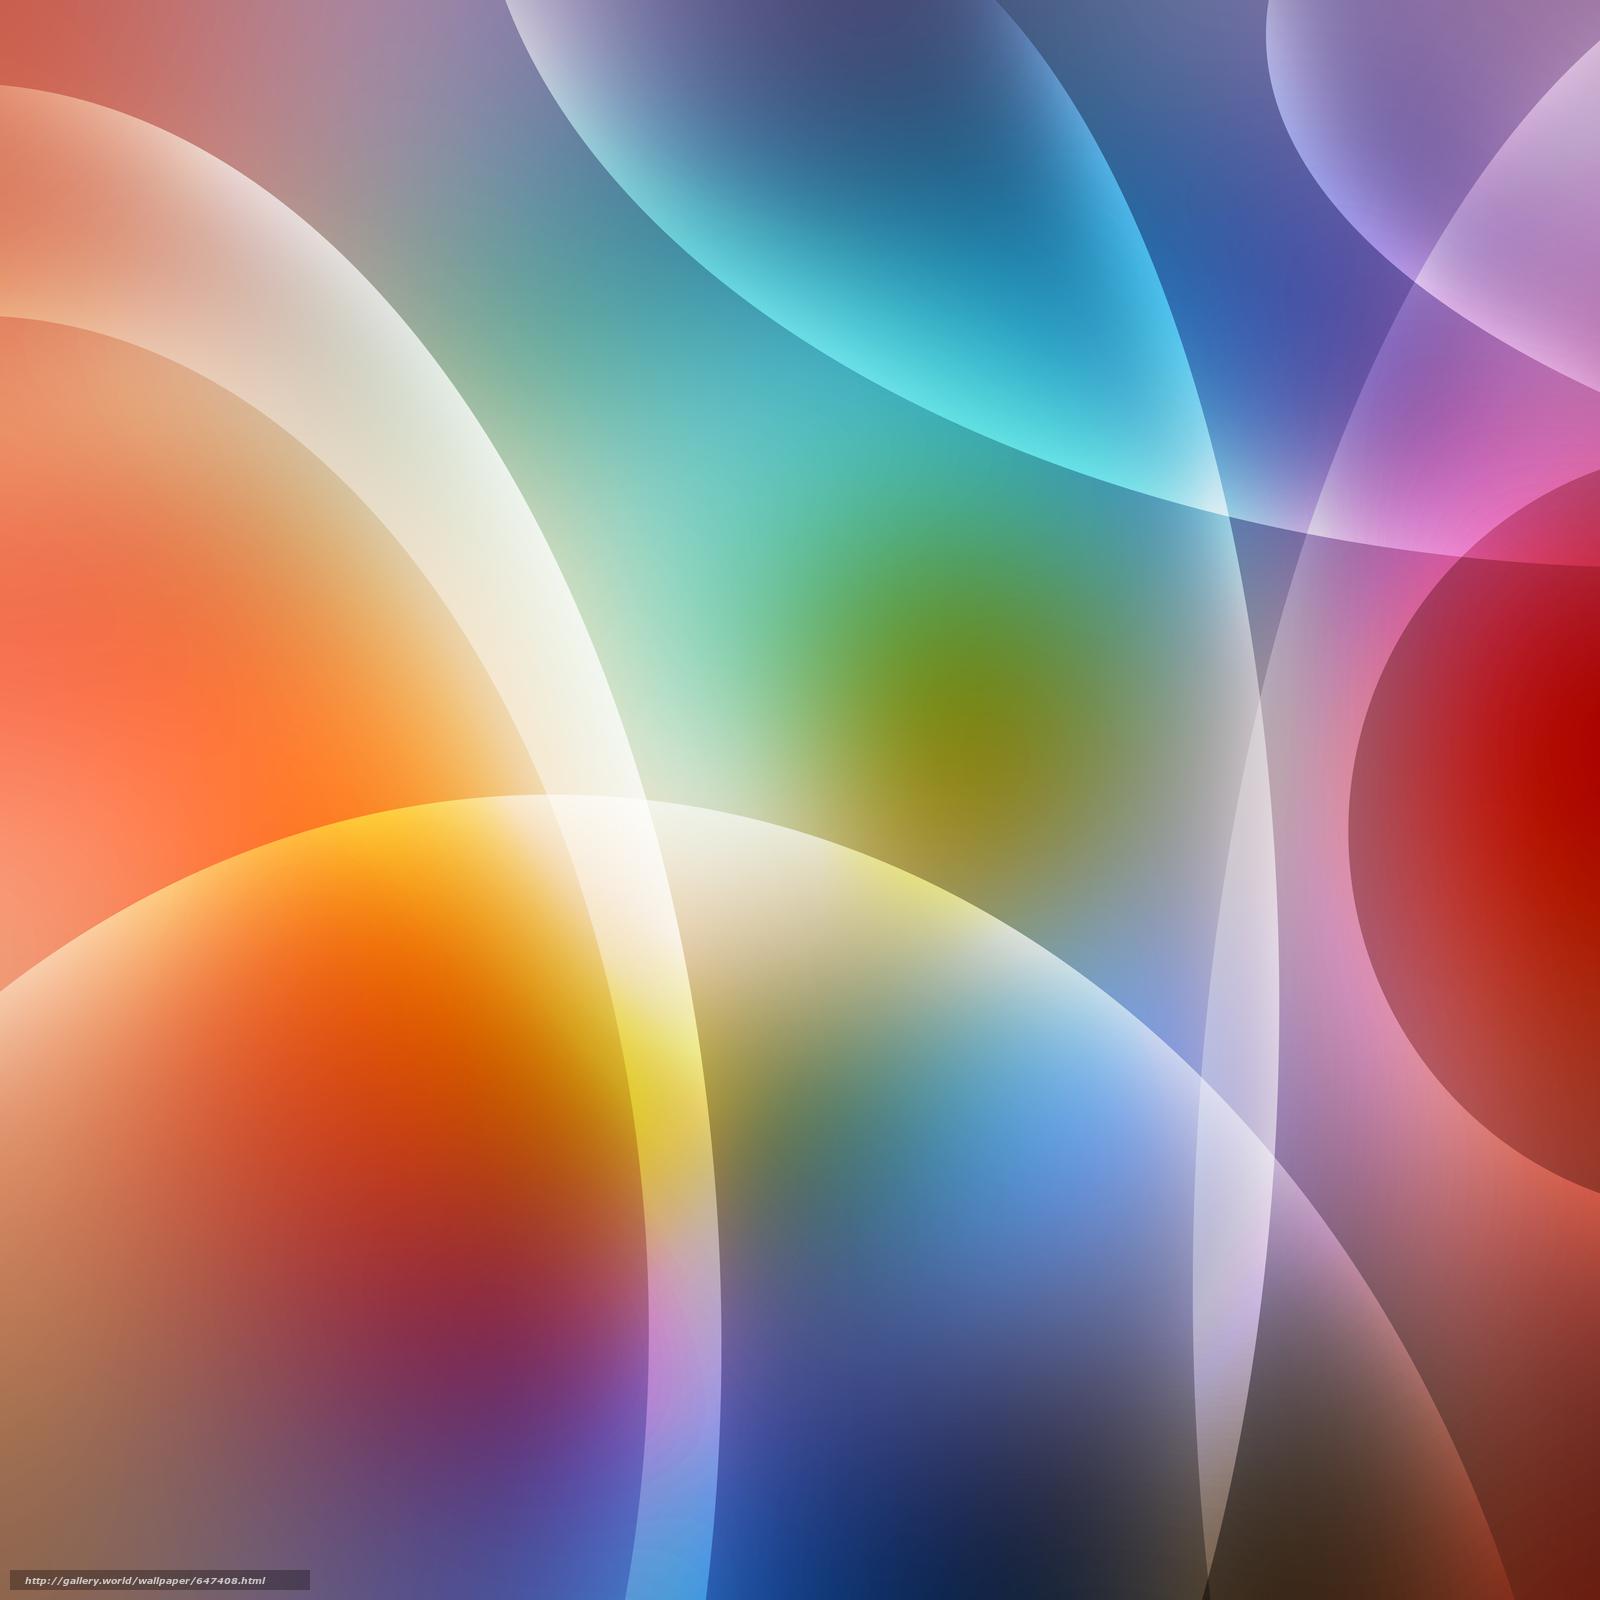 Скачать обои абстракция,  3d,  art бесплатно для рабочего стола в разрешении 5906x5906 — картинка №647408